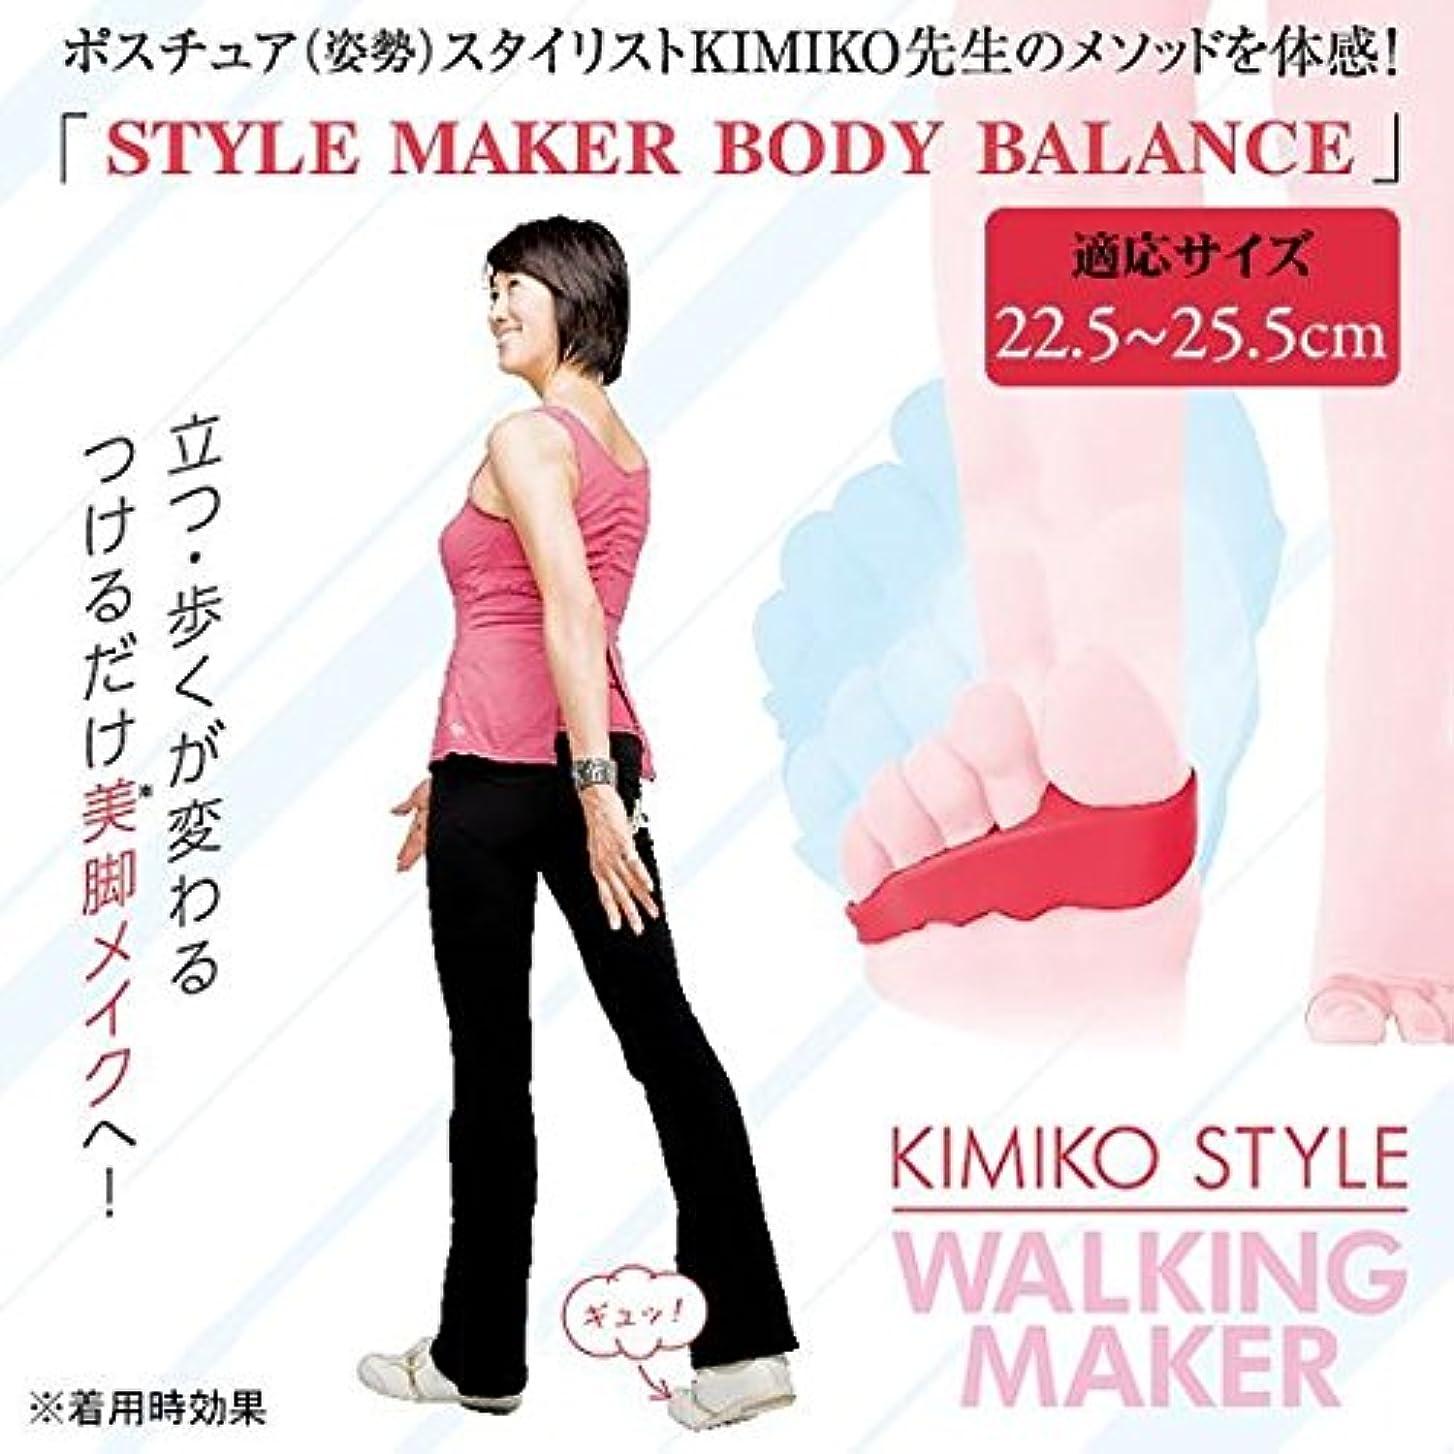 覗くオアシス延期するKIMIKO STYLE(キミコスタイル) WALKING MAKER(ウォーキングメーカー) 1足入